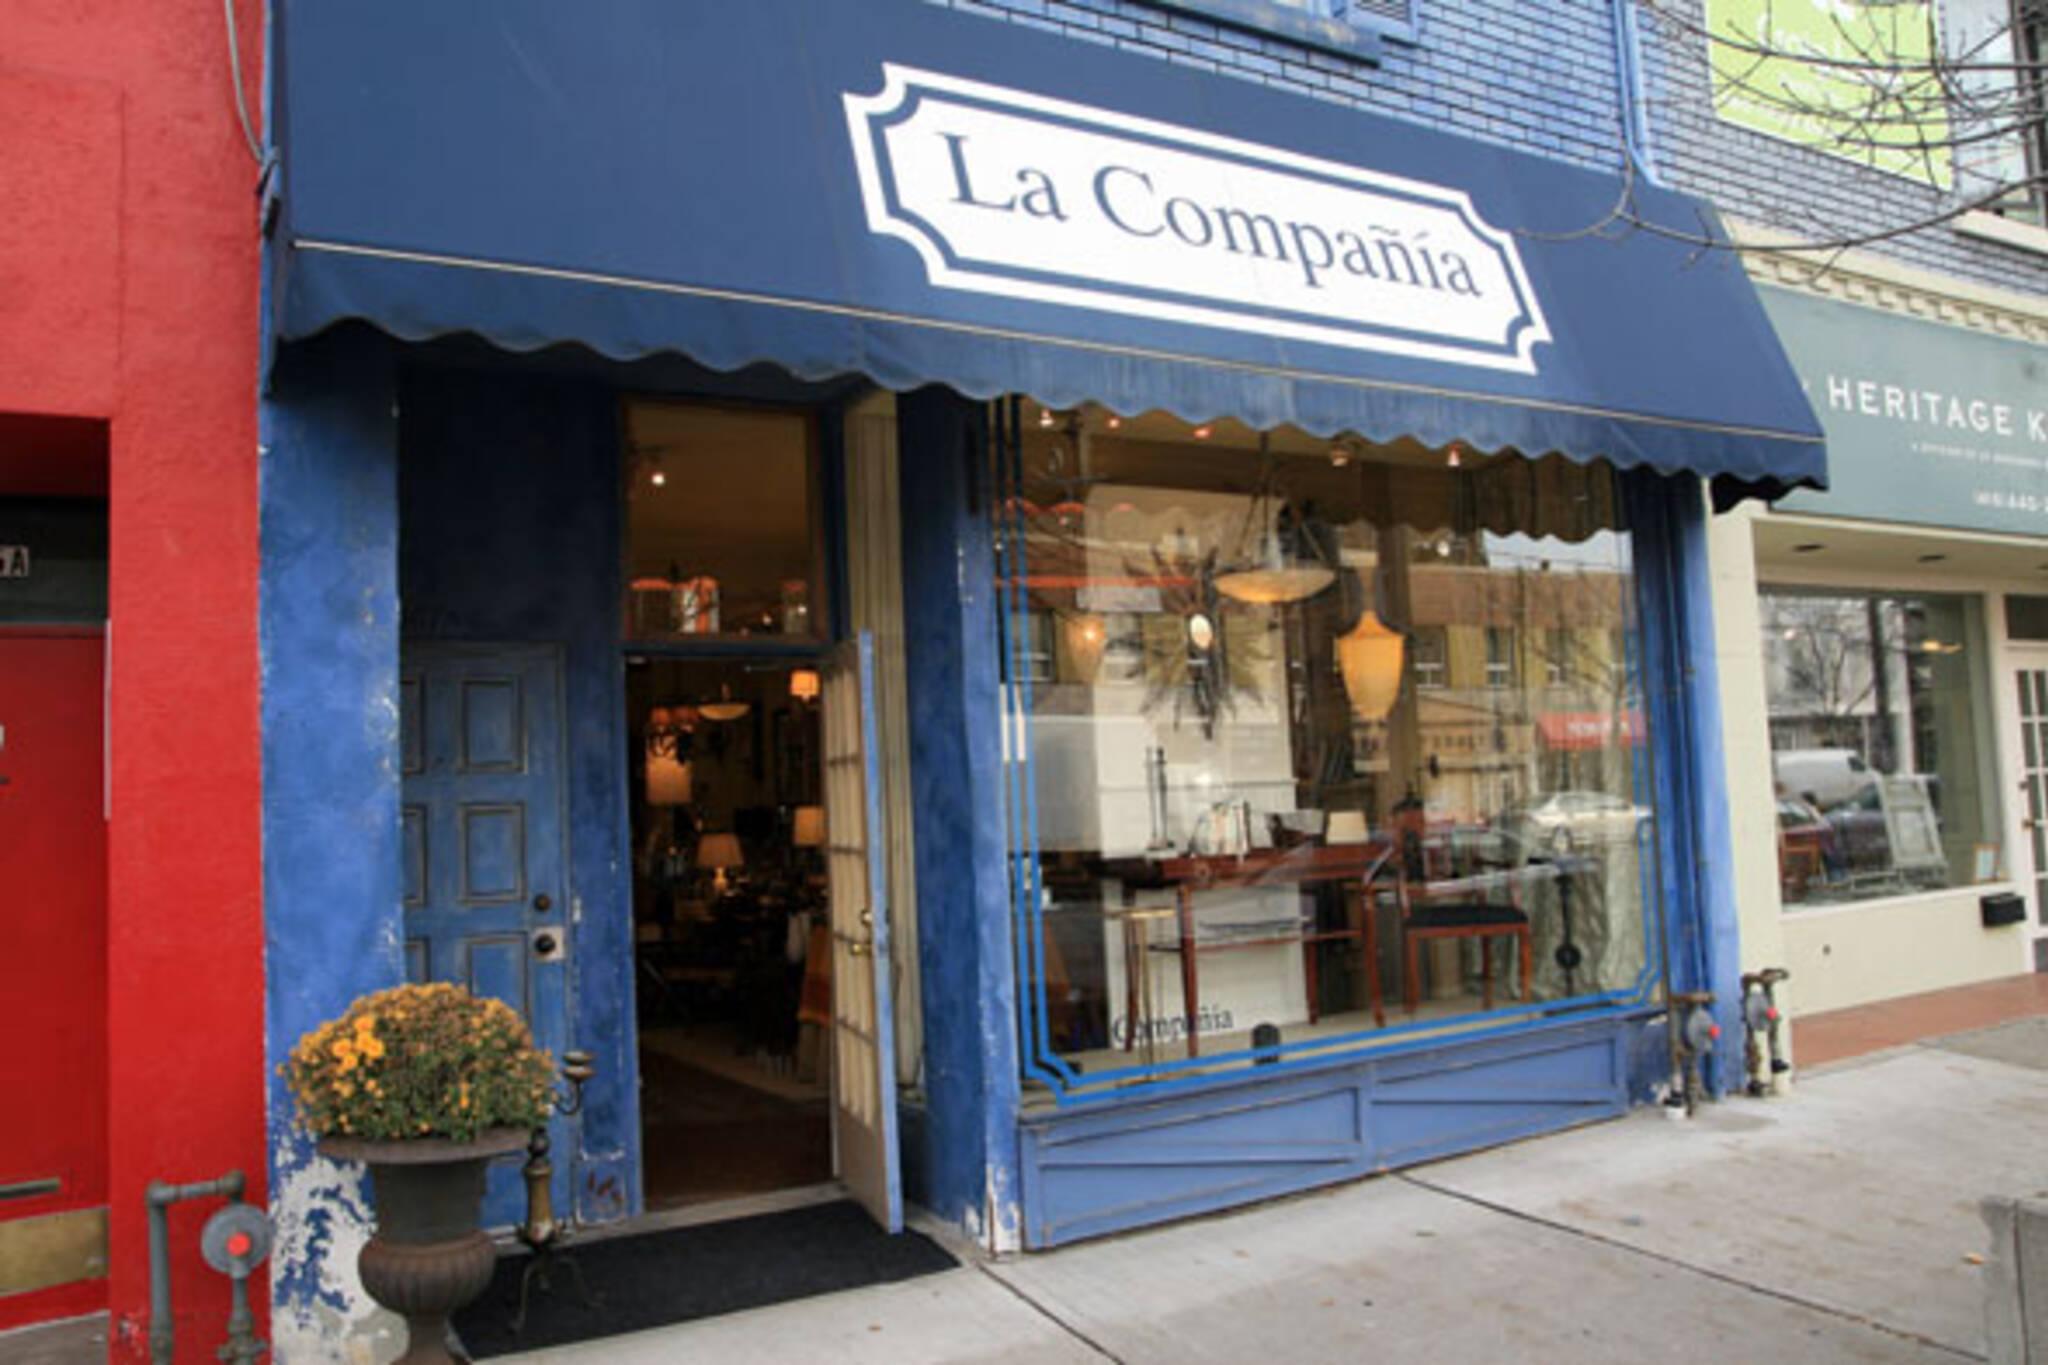 La Compania Toronto